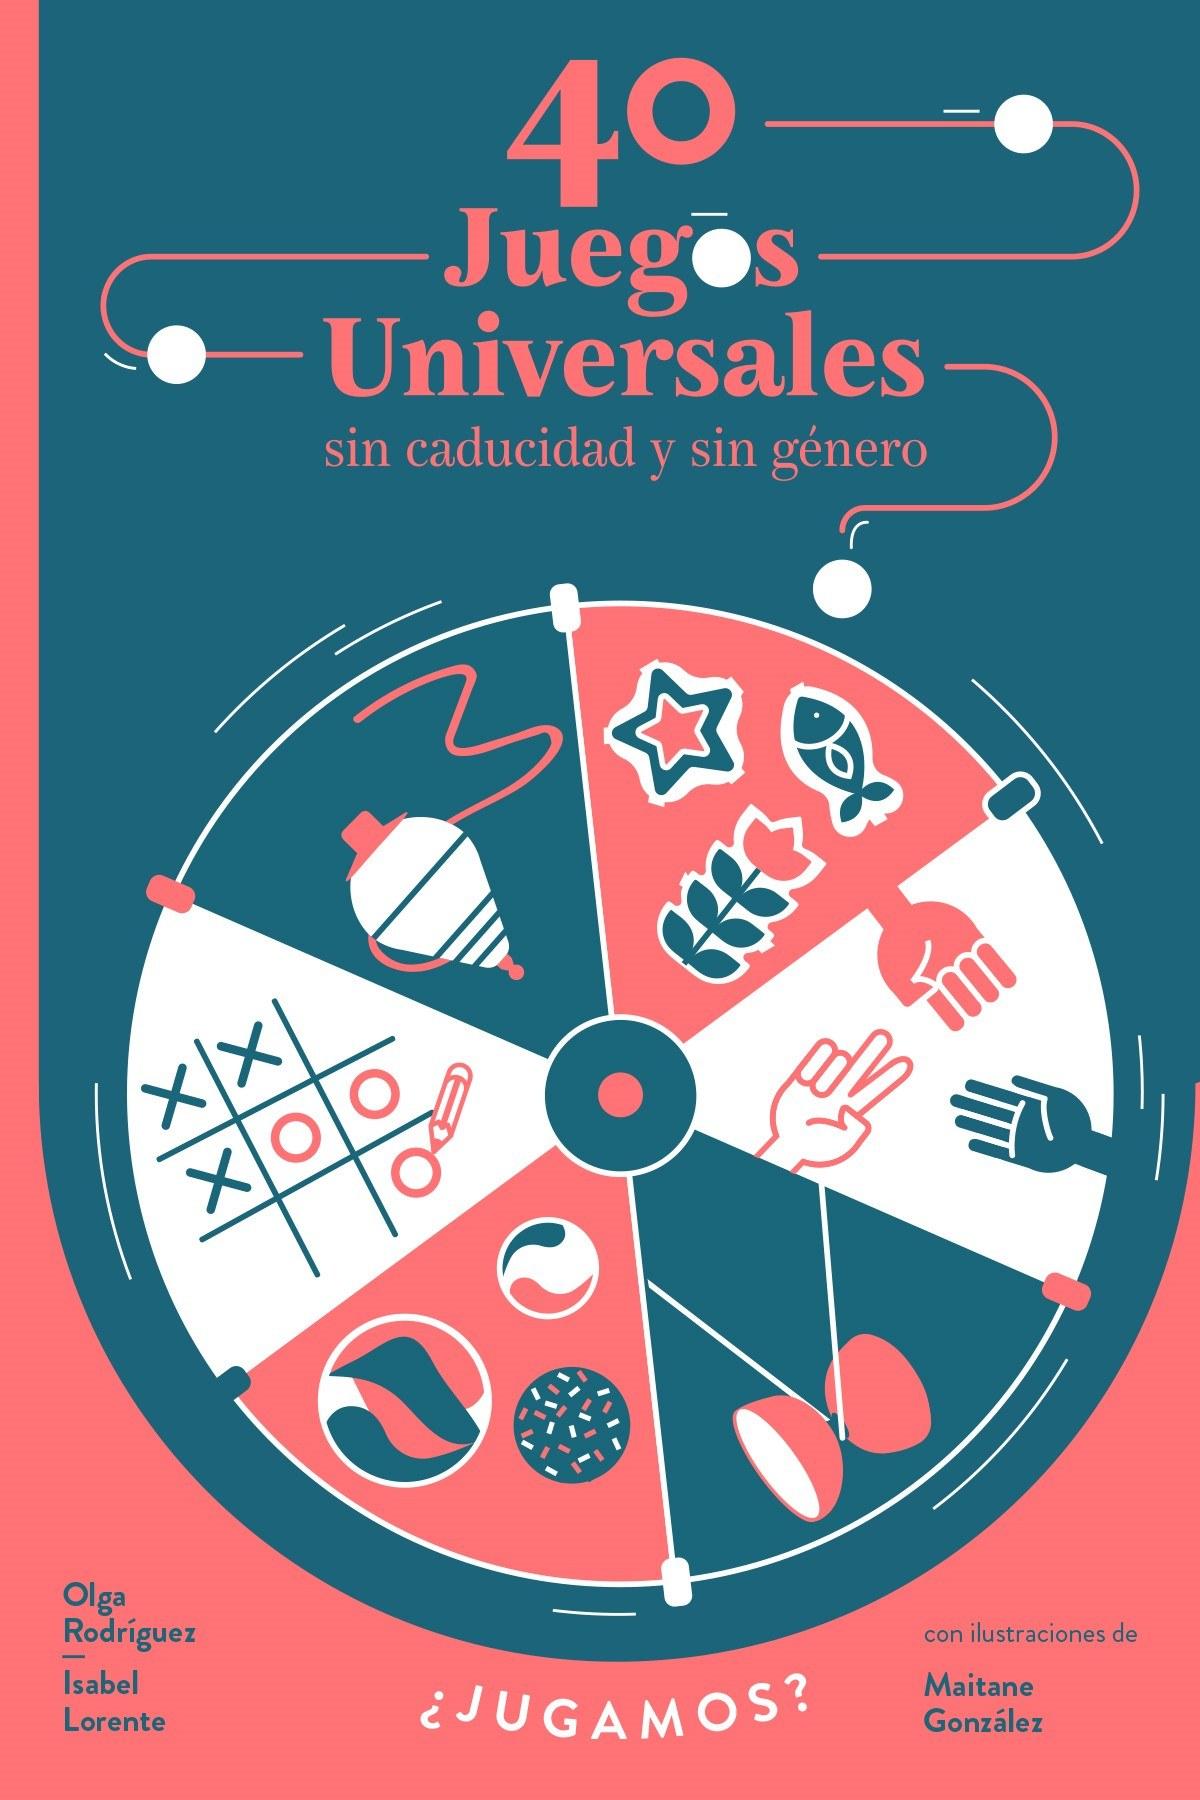 40 JUEGOS UNIVERSALES SIN CADUCIDAD Y SIN GÉNERO 9788448853976